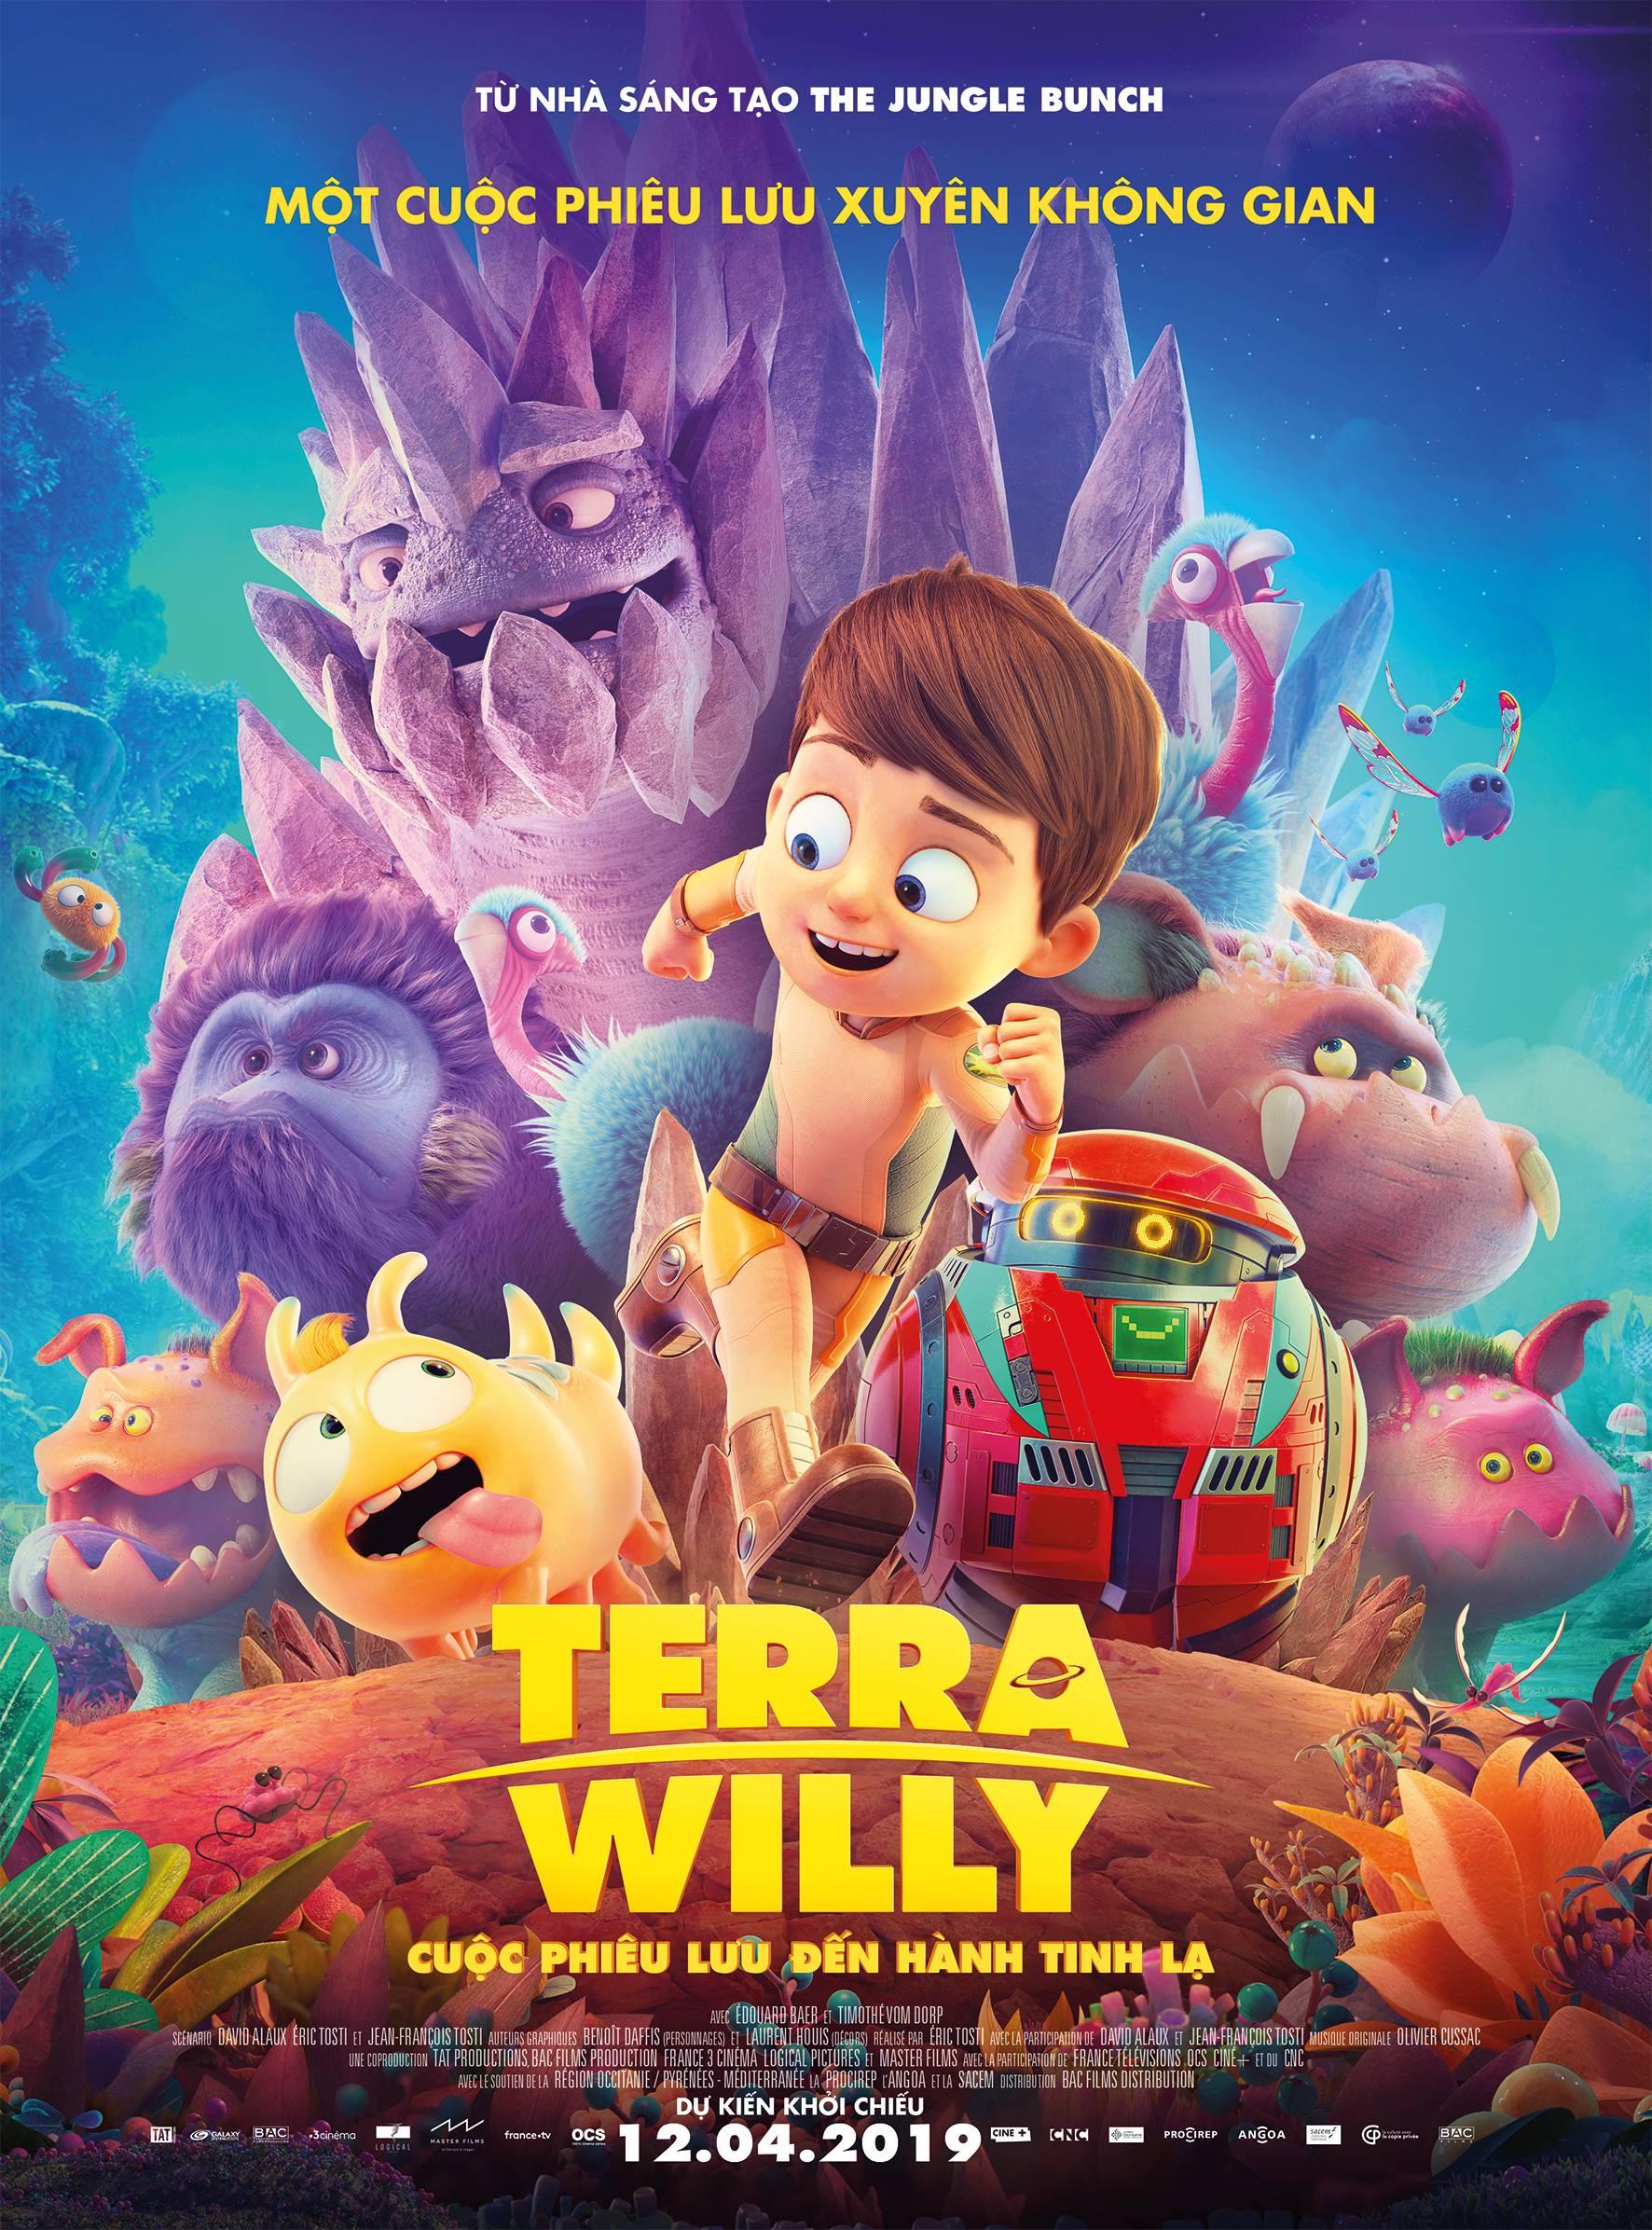 218 - Terra Willy - Cuộc Phiêu Lưu Đến Hành Tinh Lạ 2019